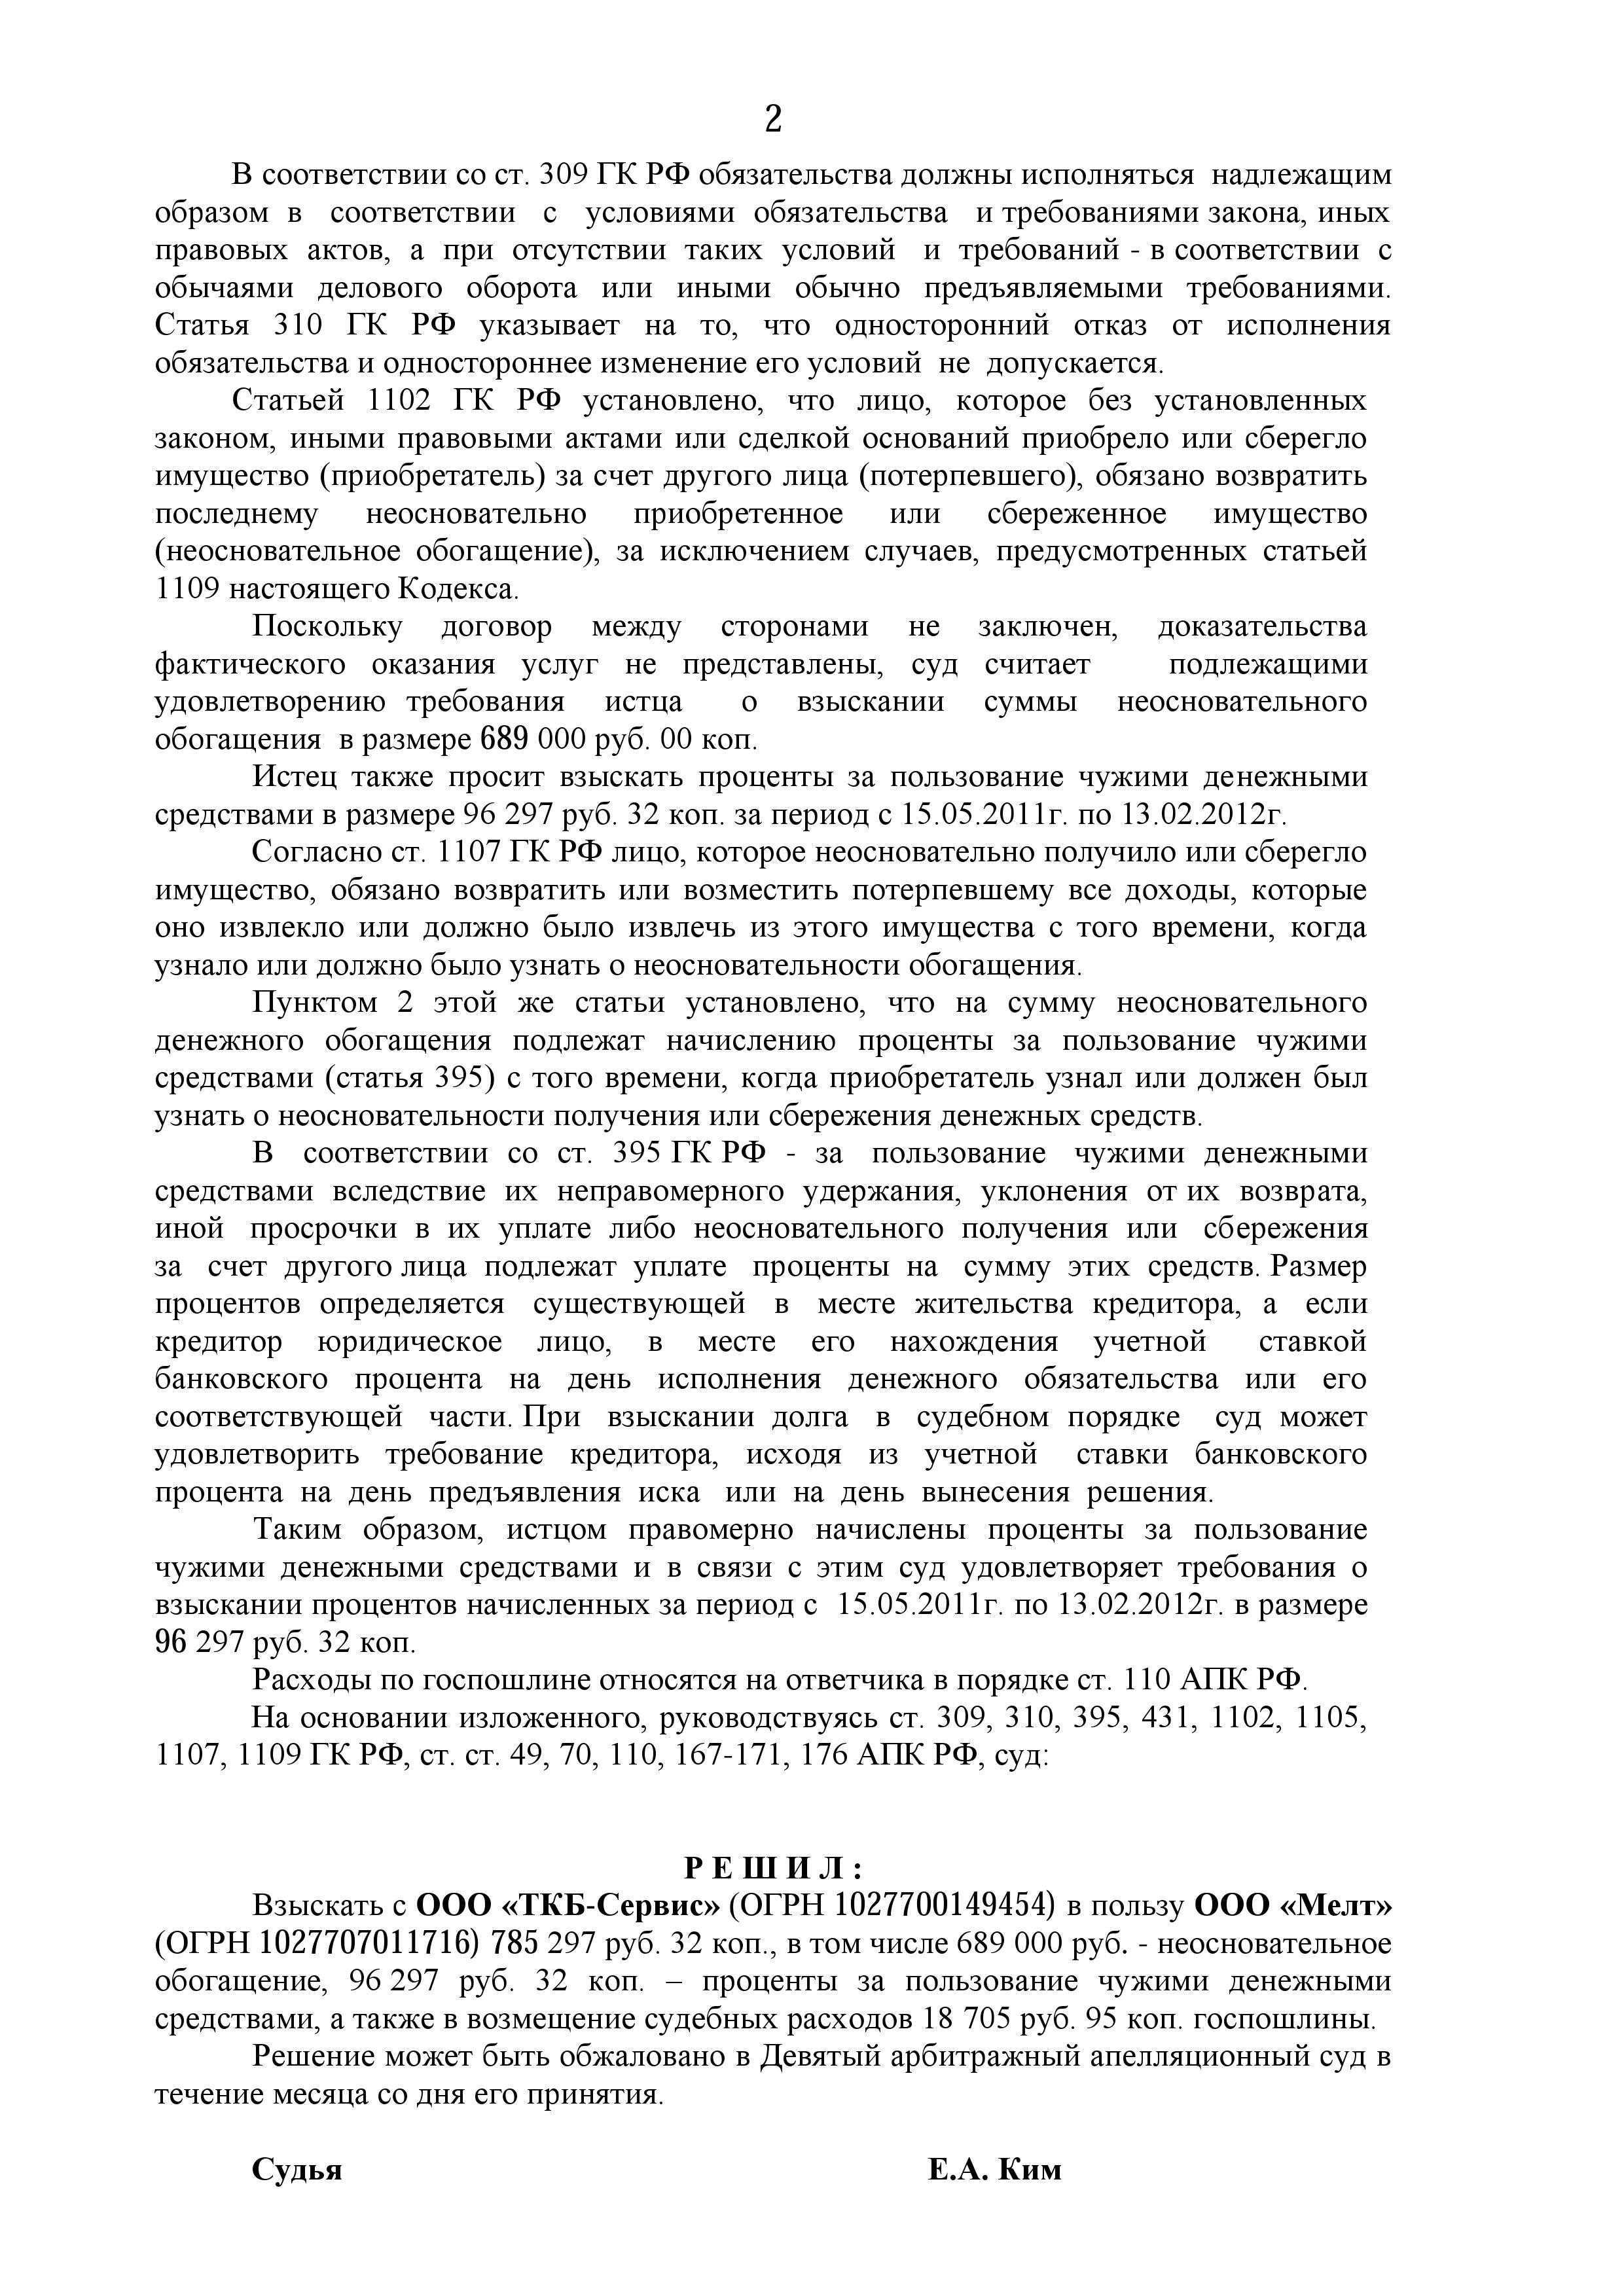 Возврат денег без договора bonus fix price ru официальный сайт